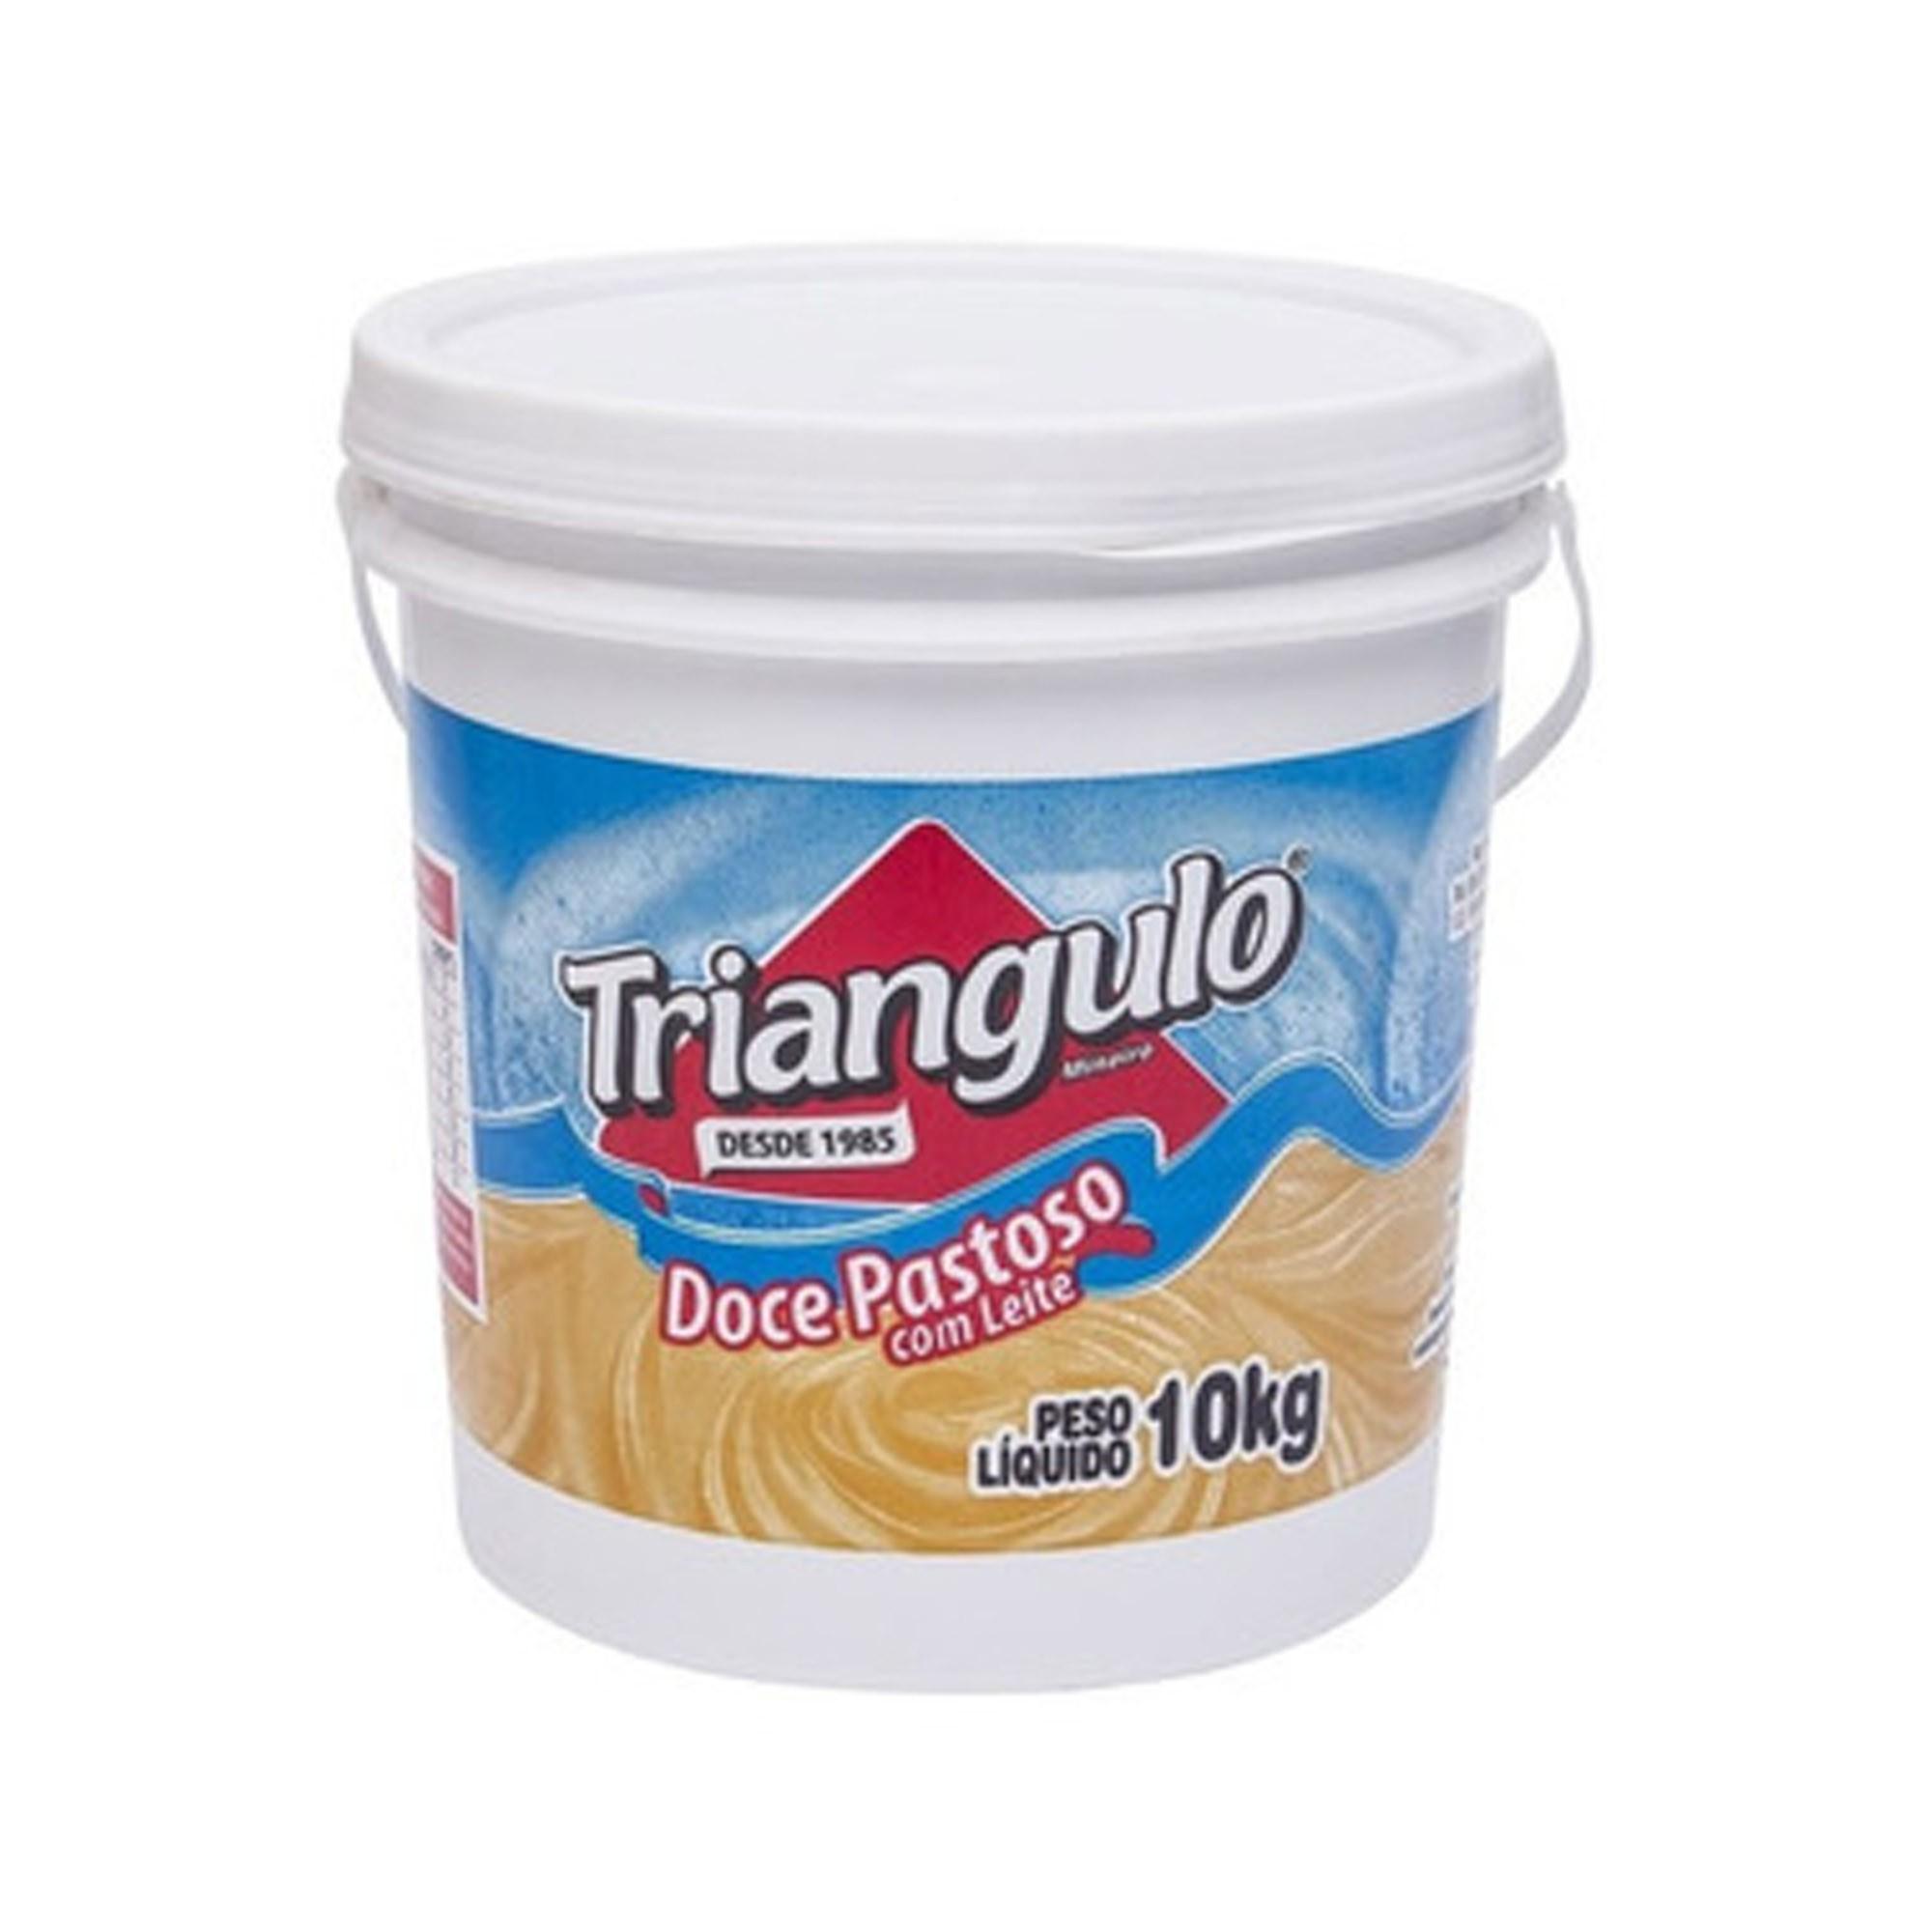 DOCE DE LEITE PASTOSO 10KG TRIANGULO MINEIRO